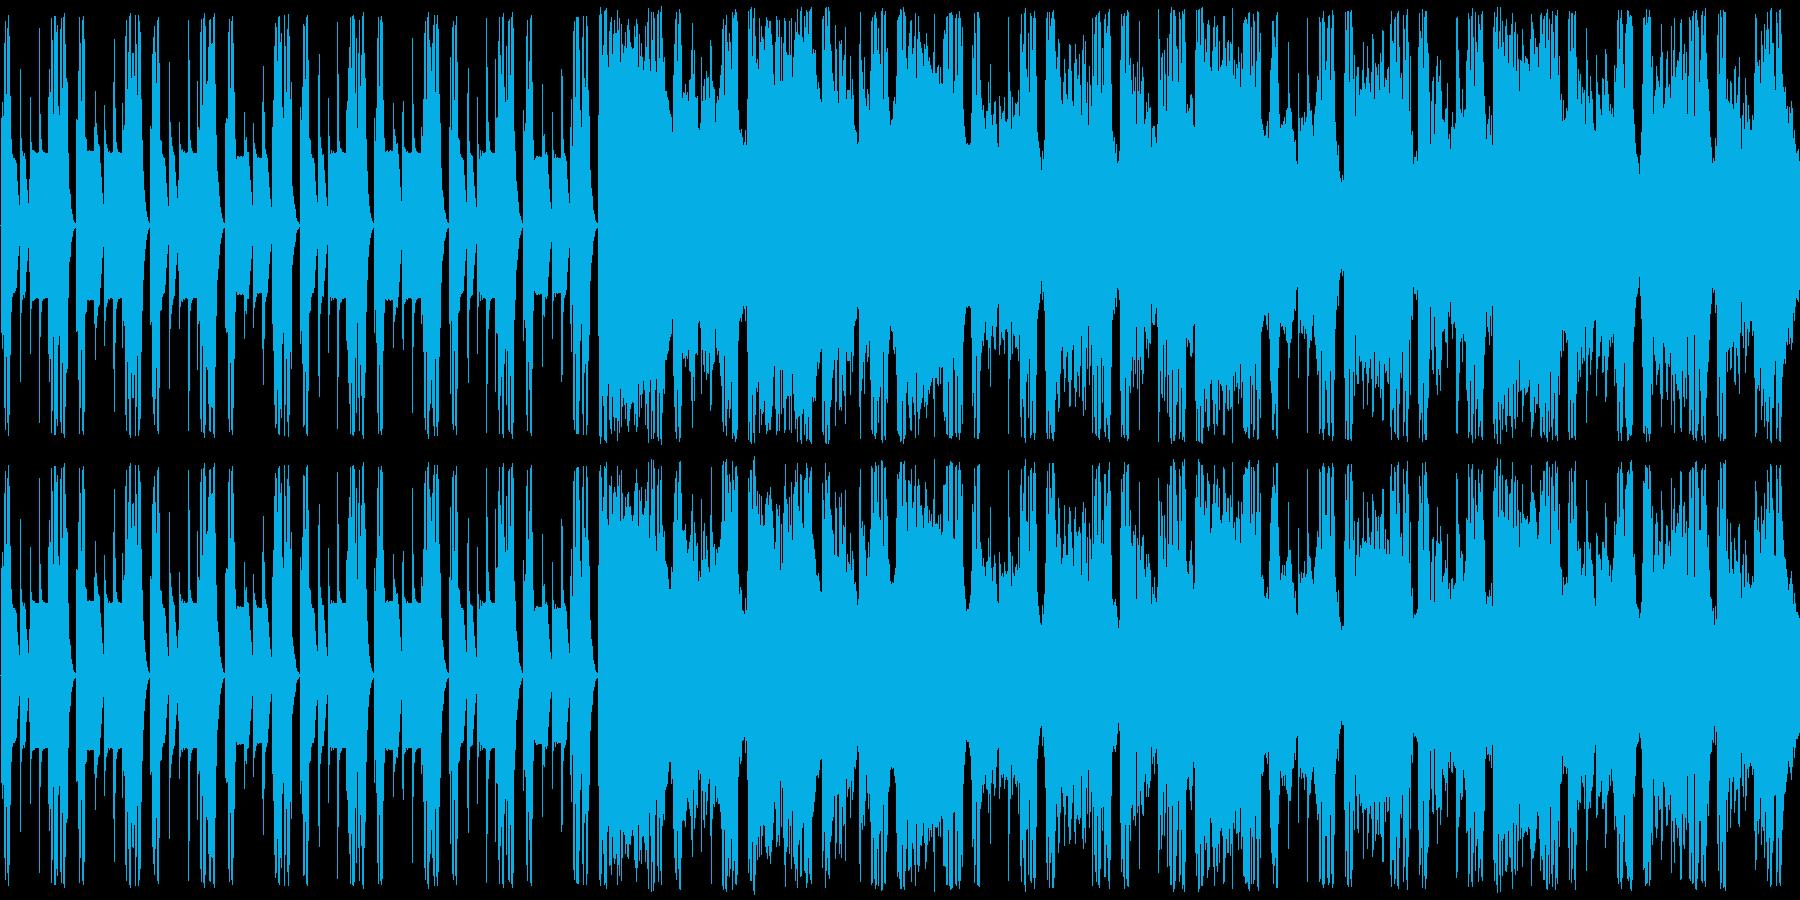 和風のメロディーで、暗めの曲ですの再生済みの波形